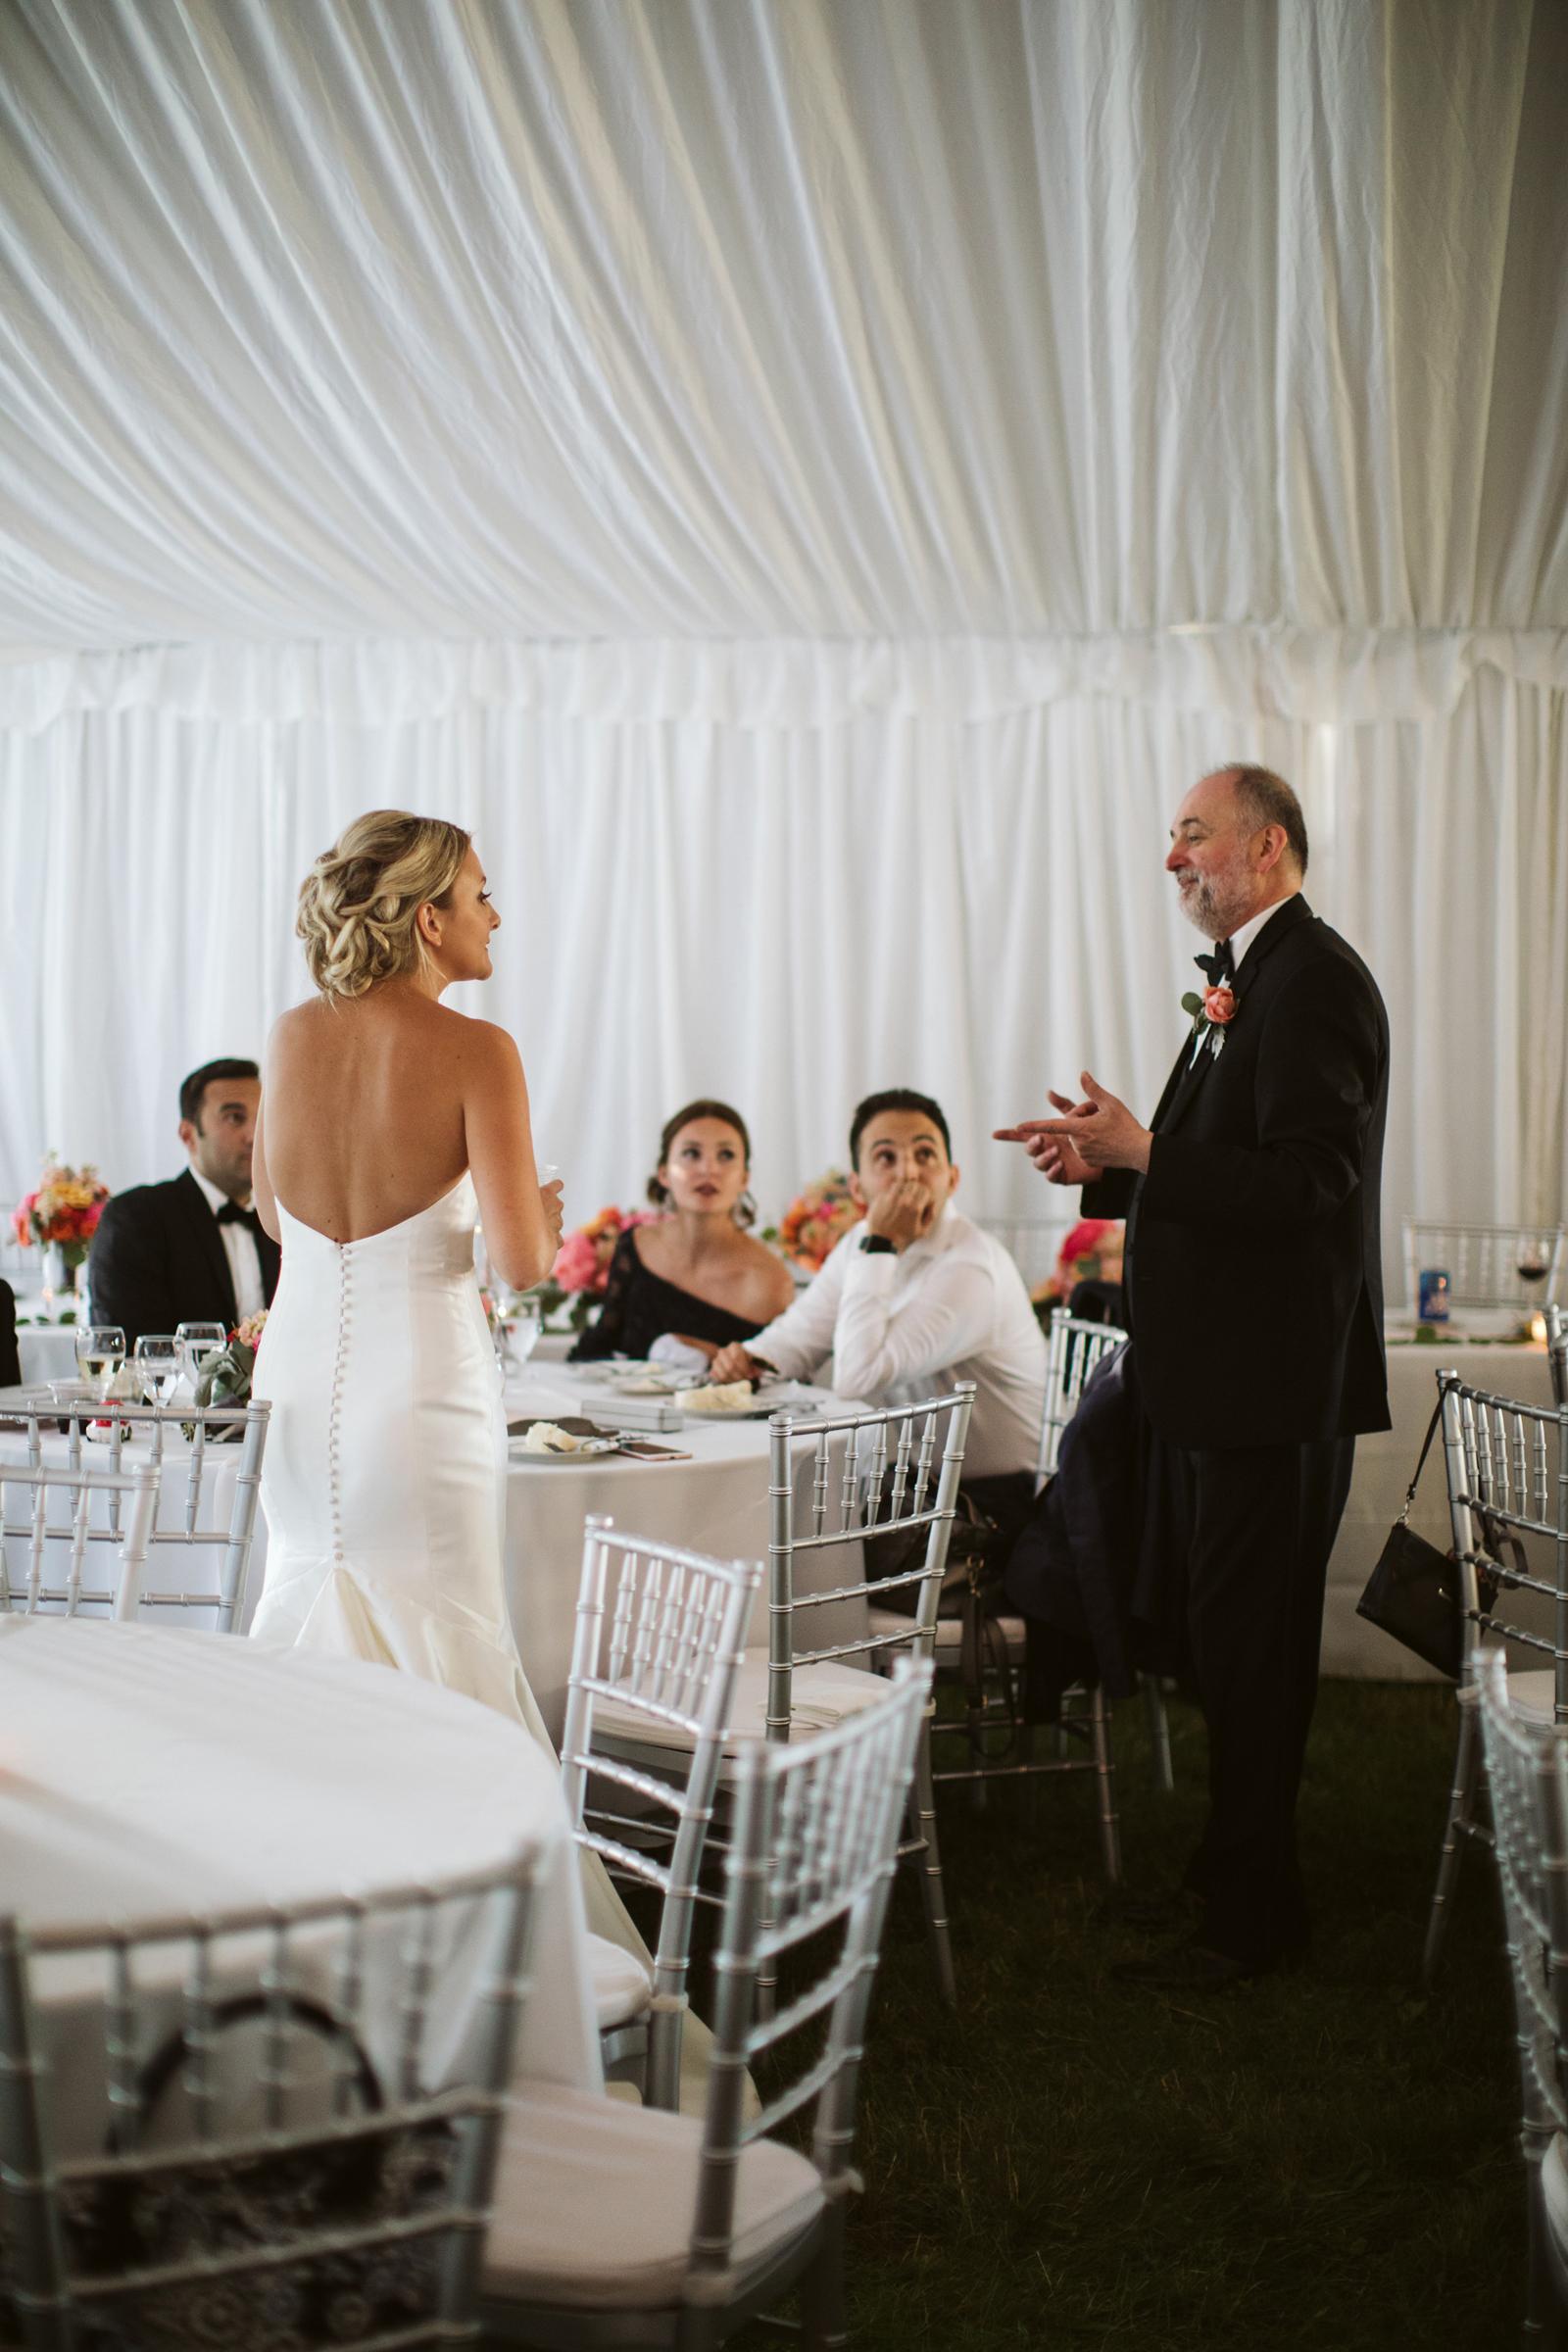 159-daronjackson-gabby-alec-wedding.jpg